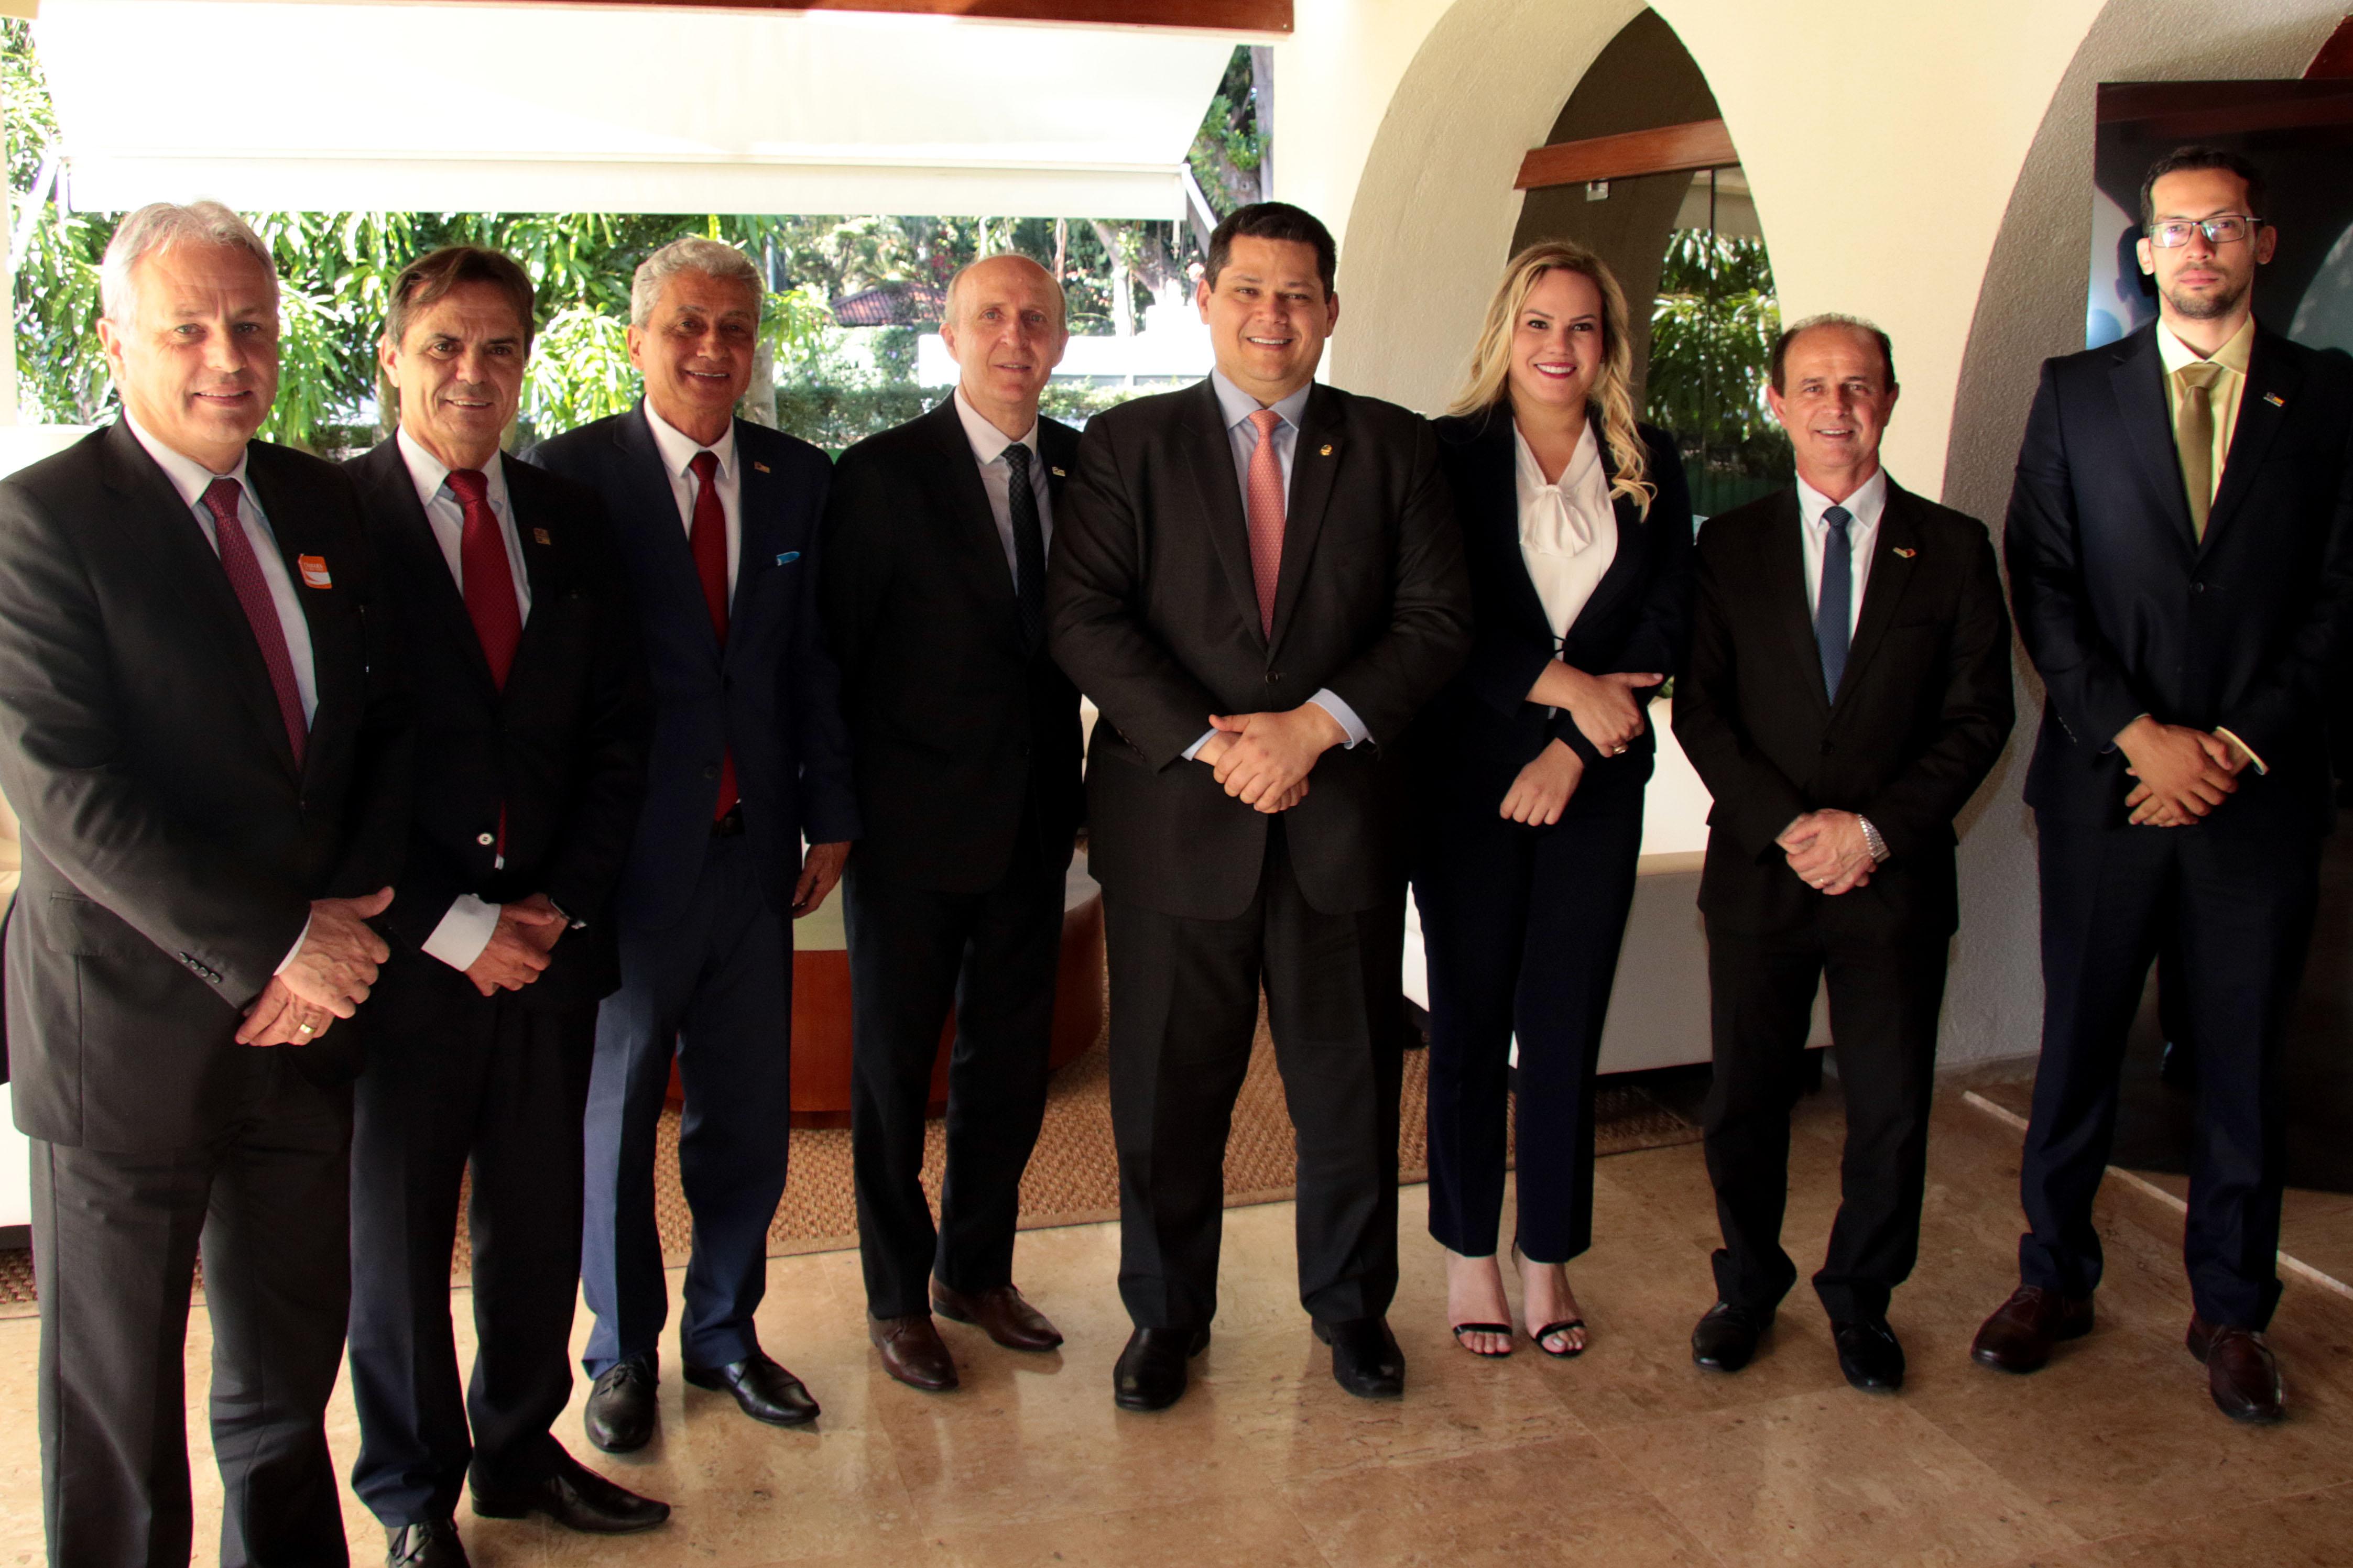 Fotos: Claúdio Reis/ Ag. CNM